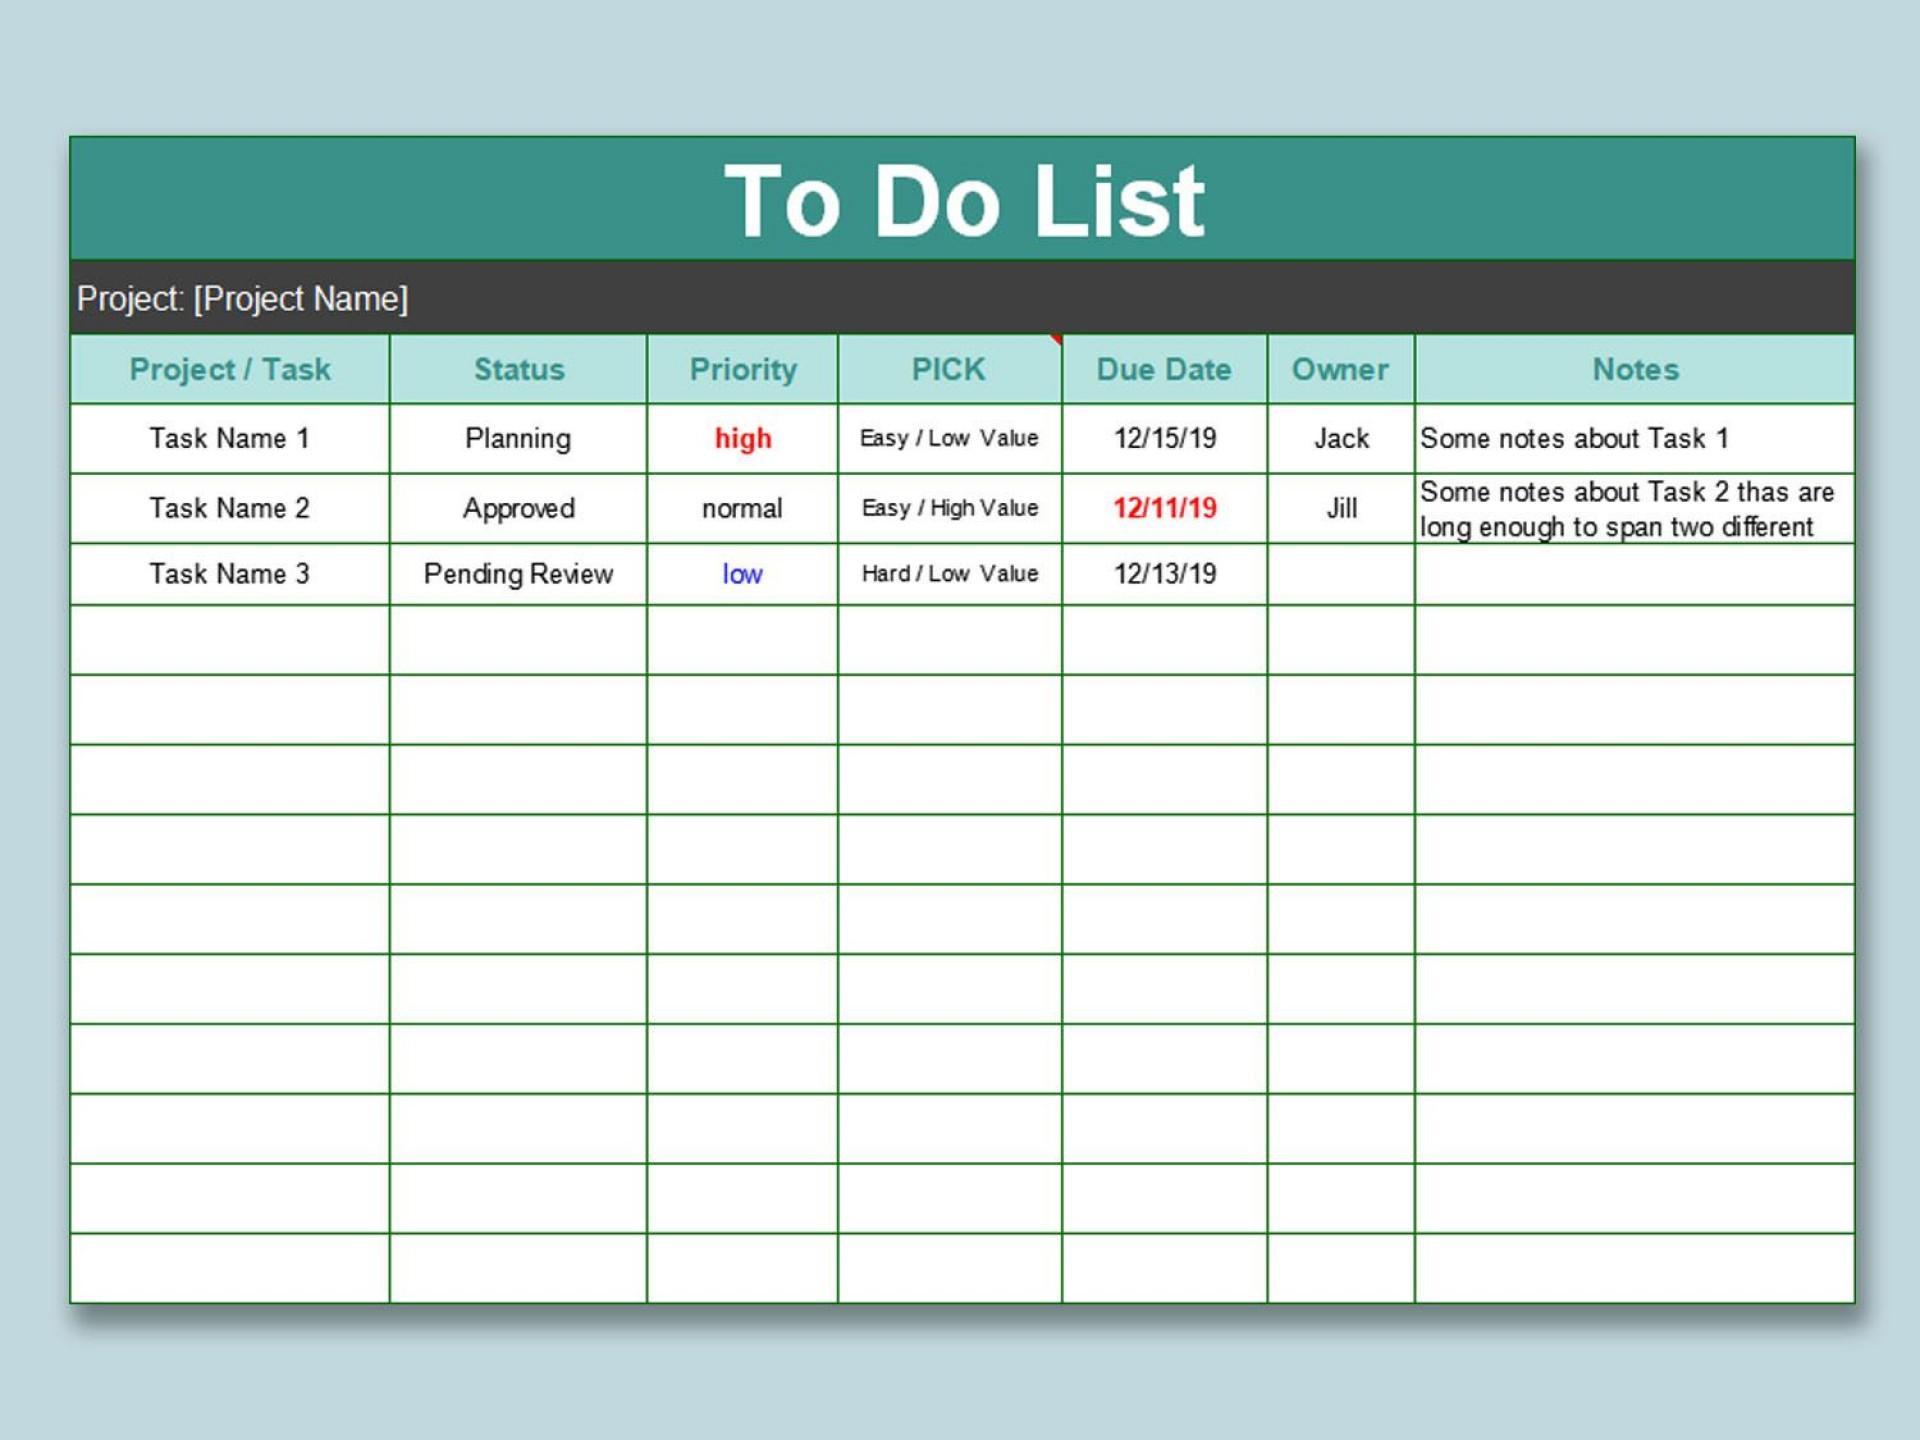 000 Wondrou Excel To Do List Template Image  Xlsx Best1920